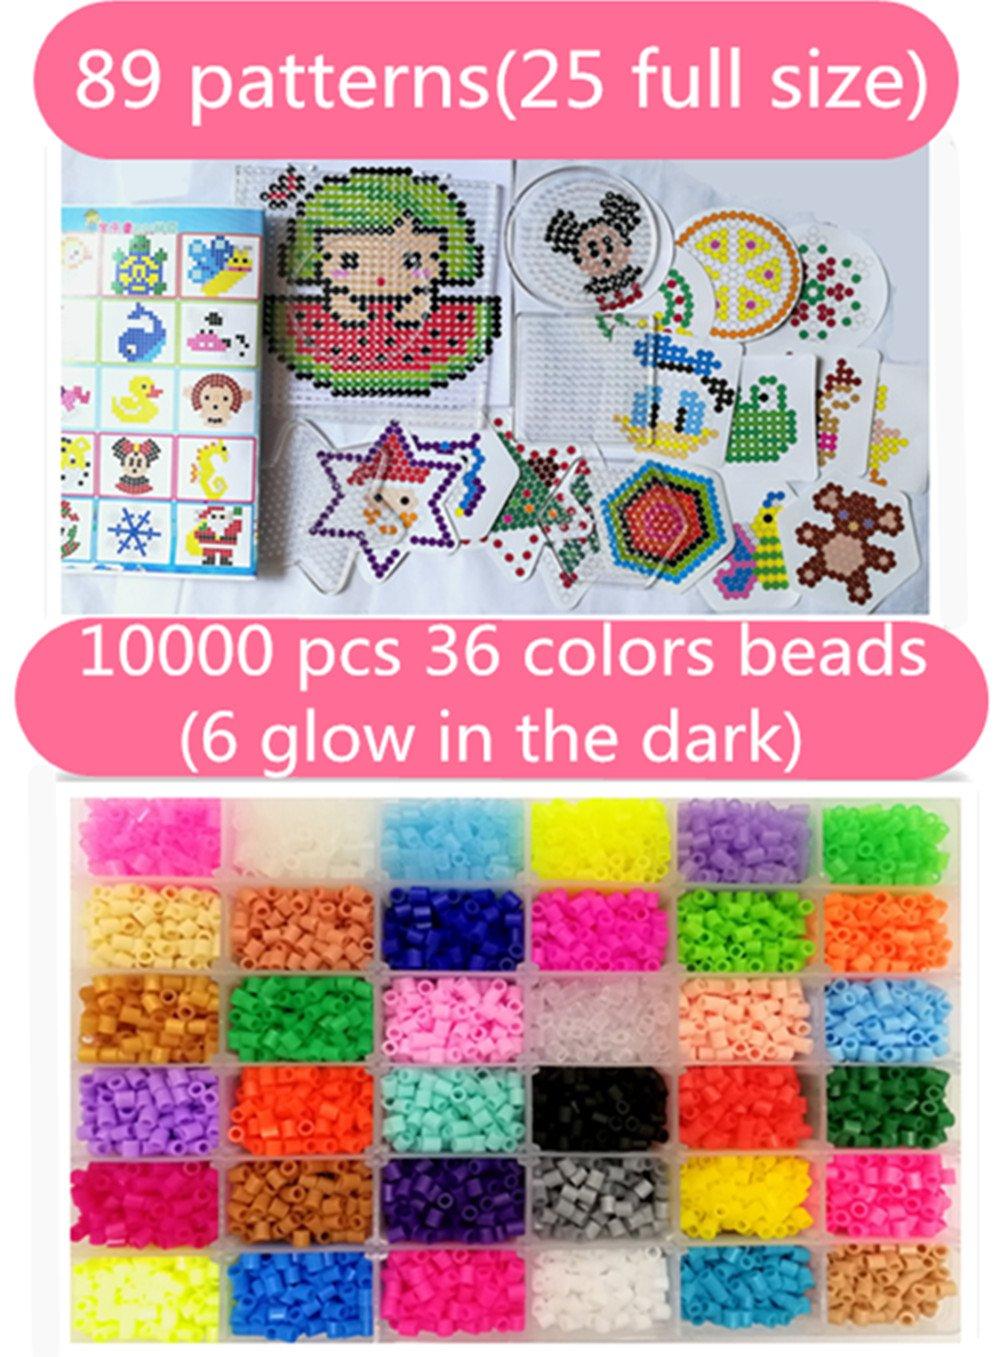 29taille r/éelle 6 brille dans le noir vytung 10000 Perles /à Repasser-36 couleurs 5 Plaques+89mod/èle imaginer +5feuilles de papier +2Brucelles+sac de bricolage Hama Beads Compatible